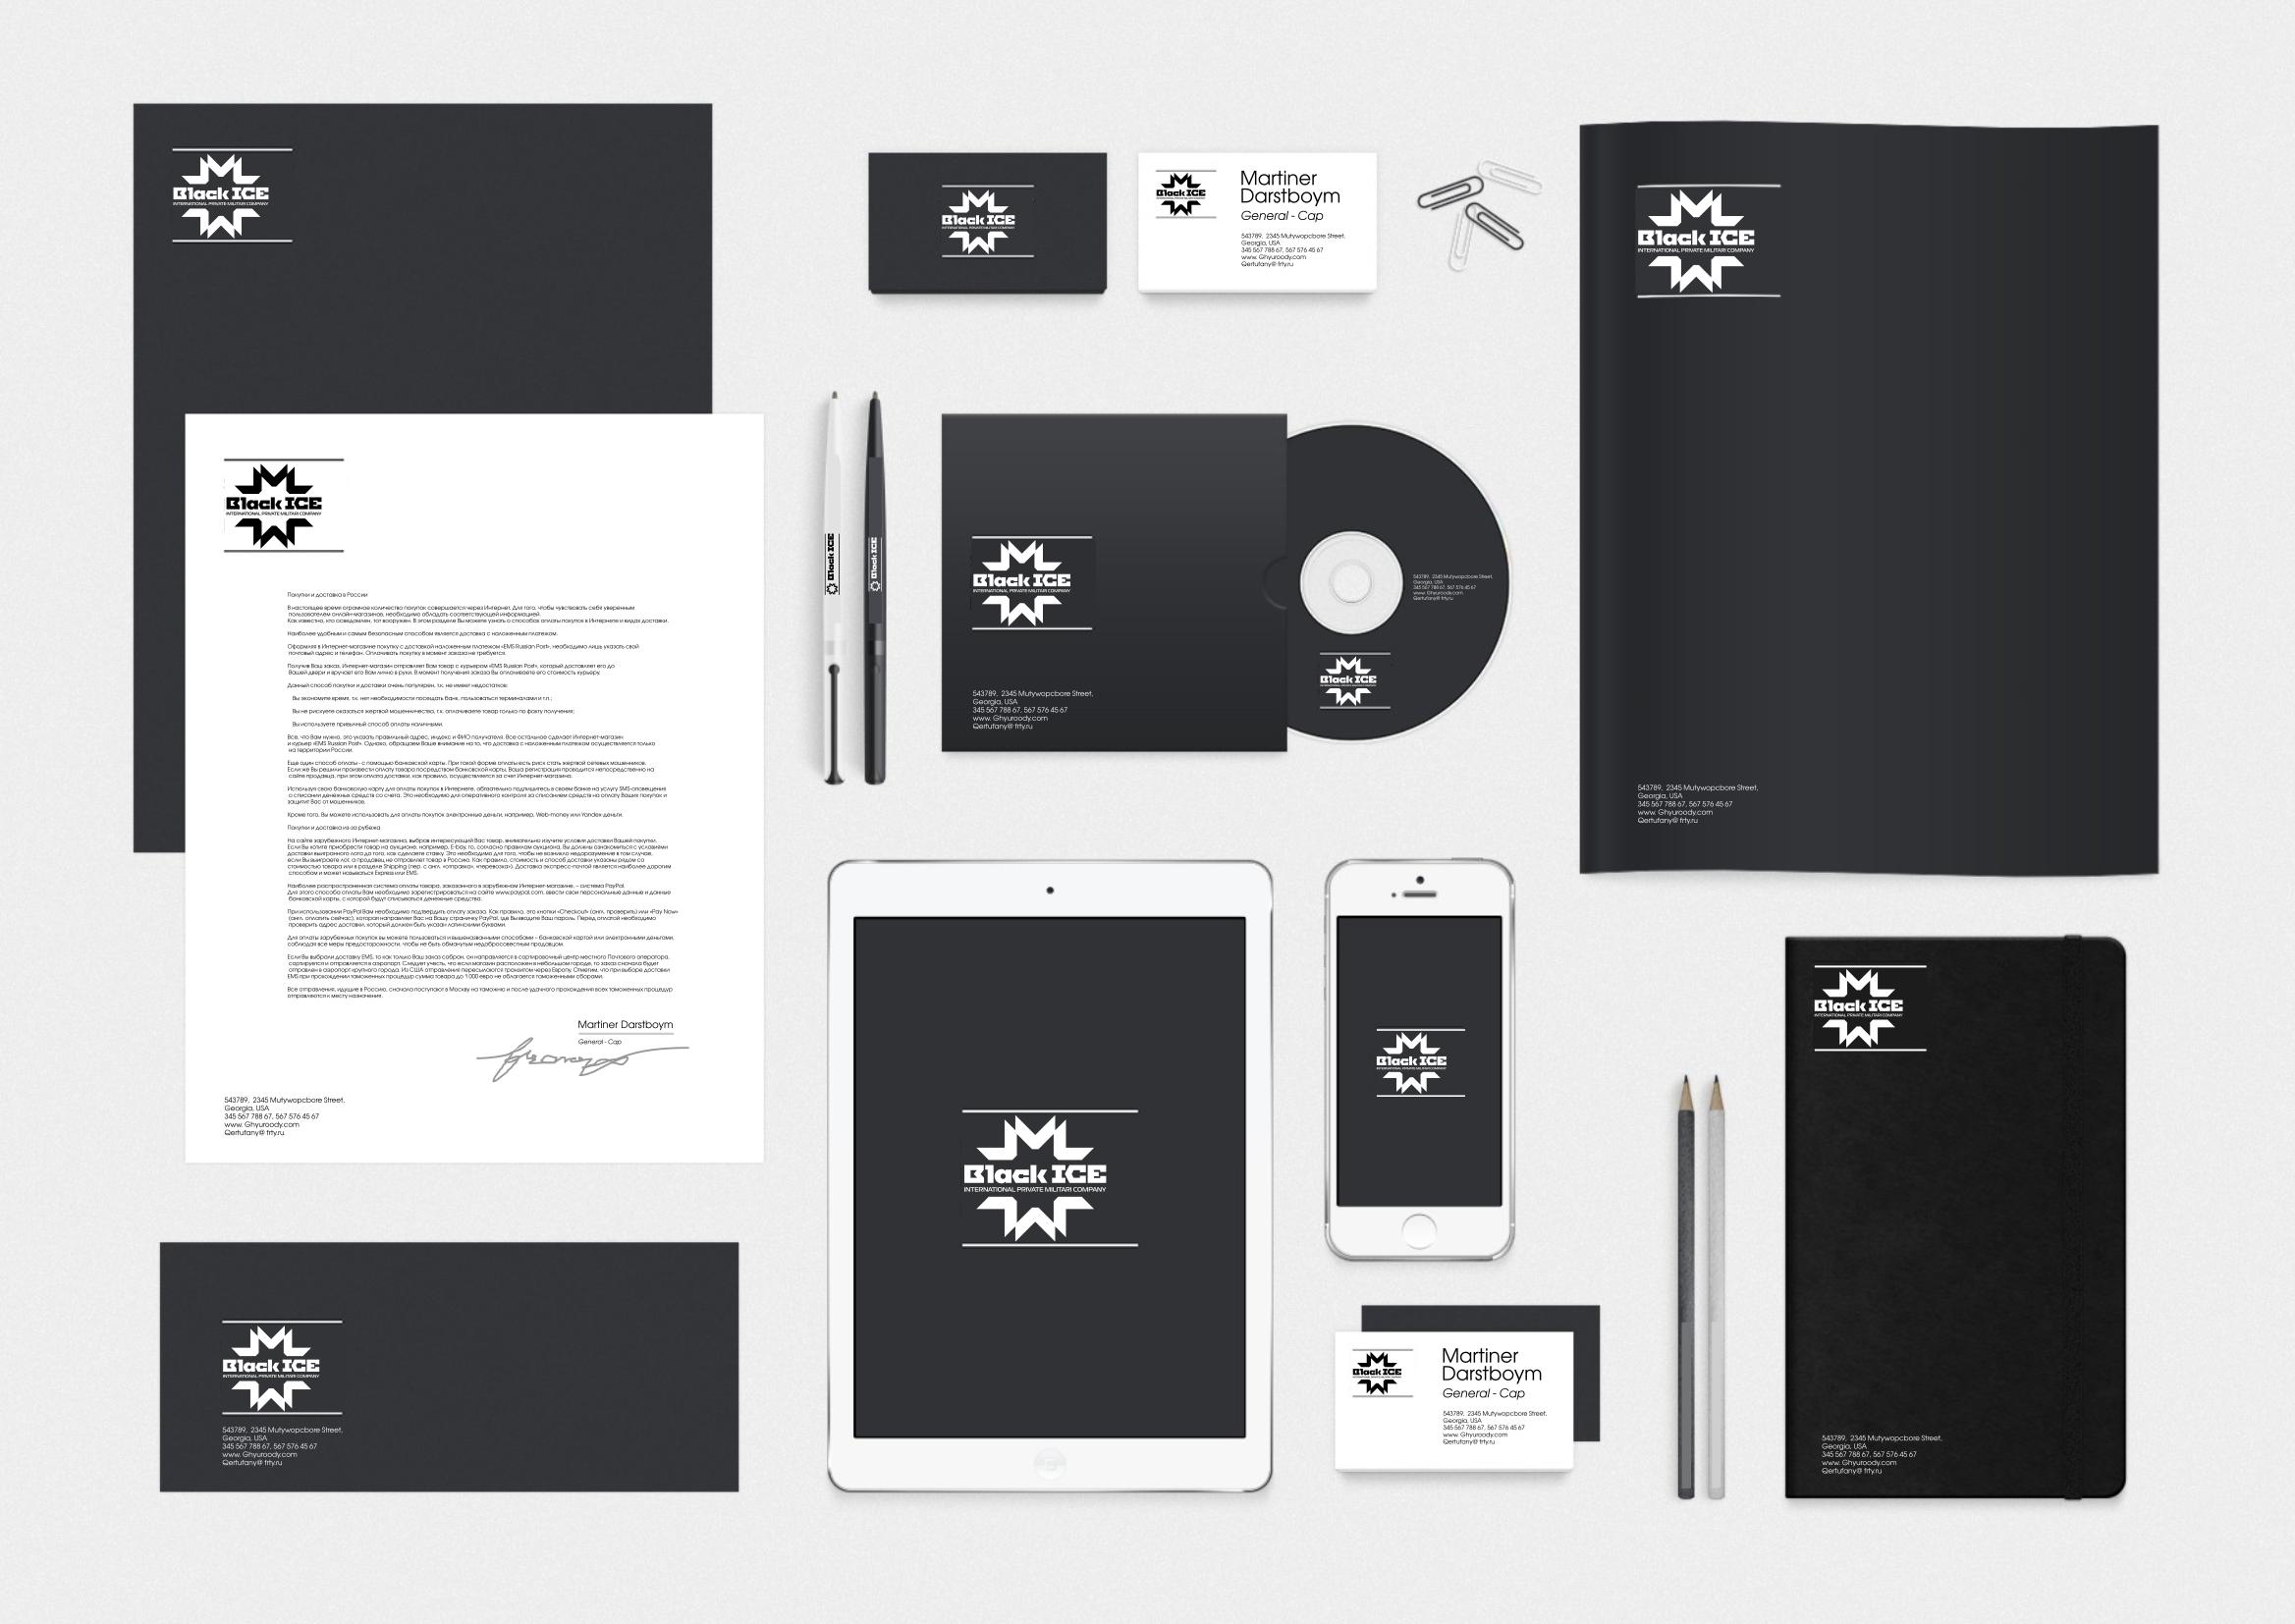 """Логотип + Фирменный стиль для компании """"BLACK ICE"""" фото f_91056eb3a37bfb7b.png"""